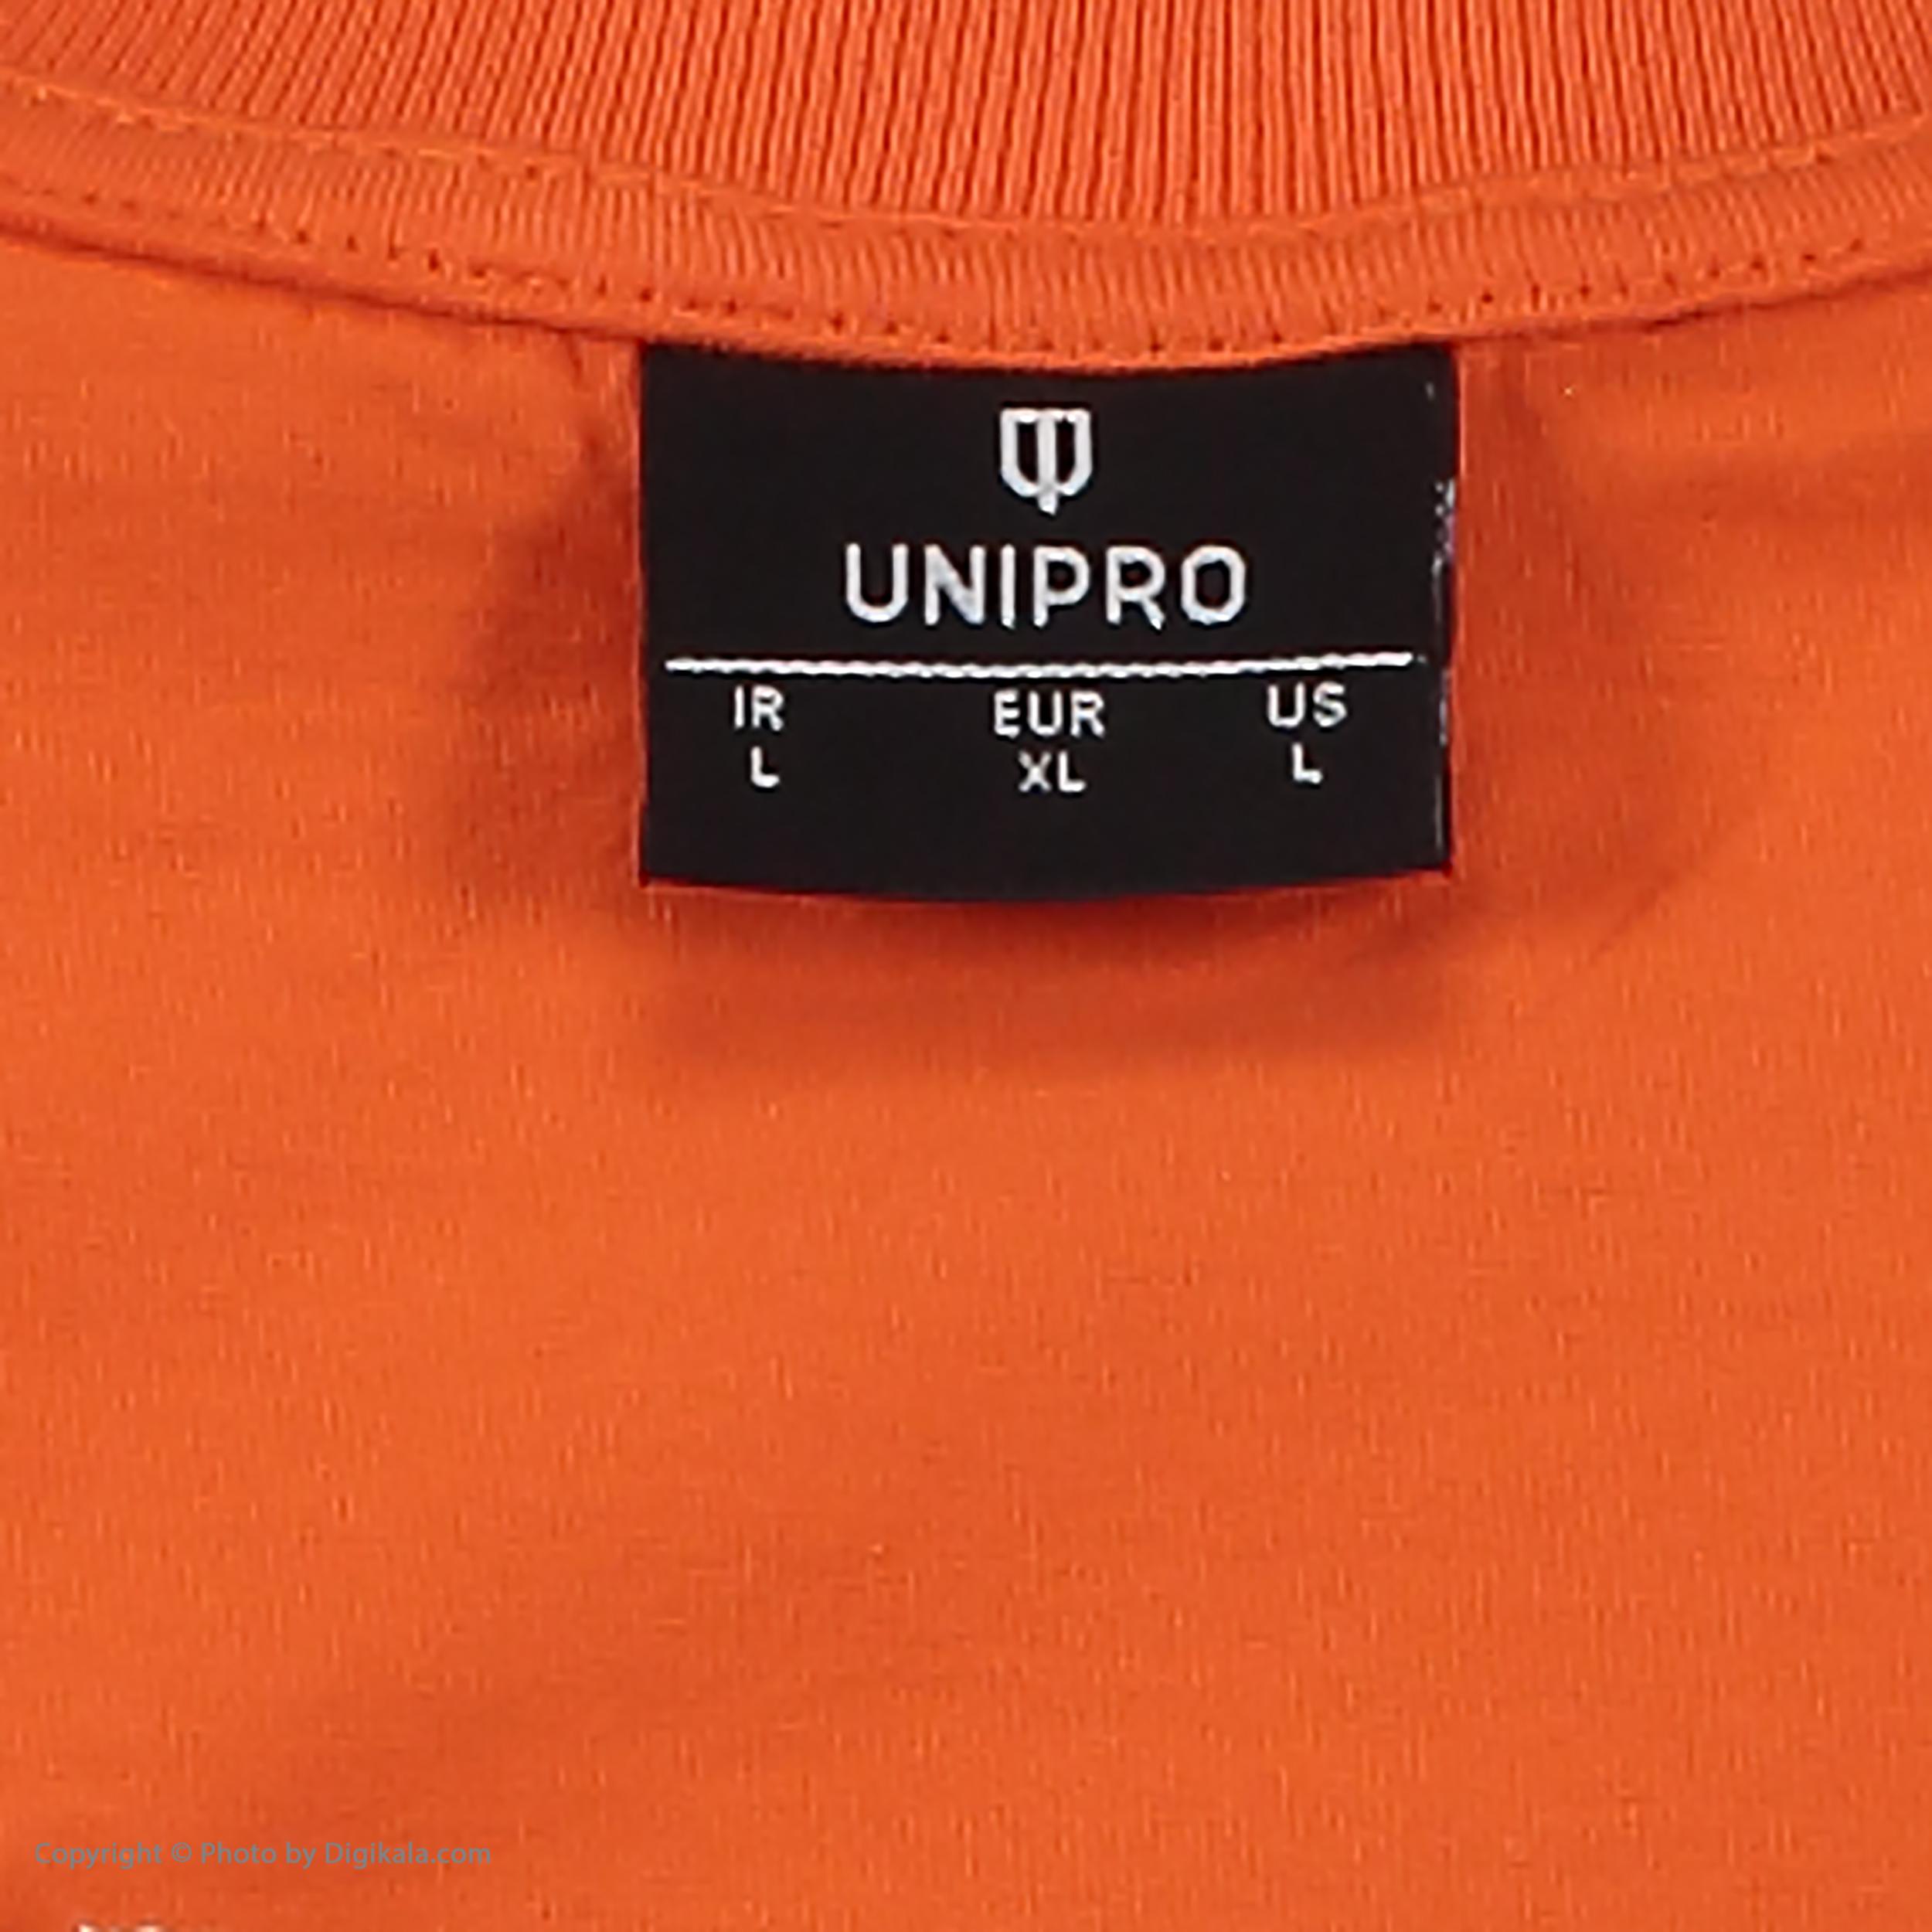 تی شرت ورزشی مردانه یونی پرو مدل 911119303-30 -  - 6